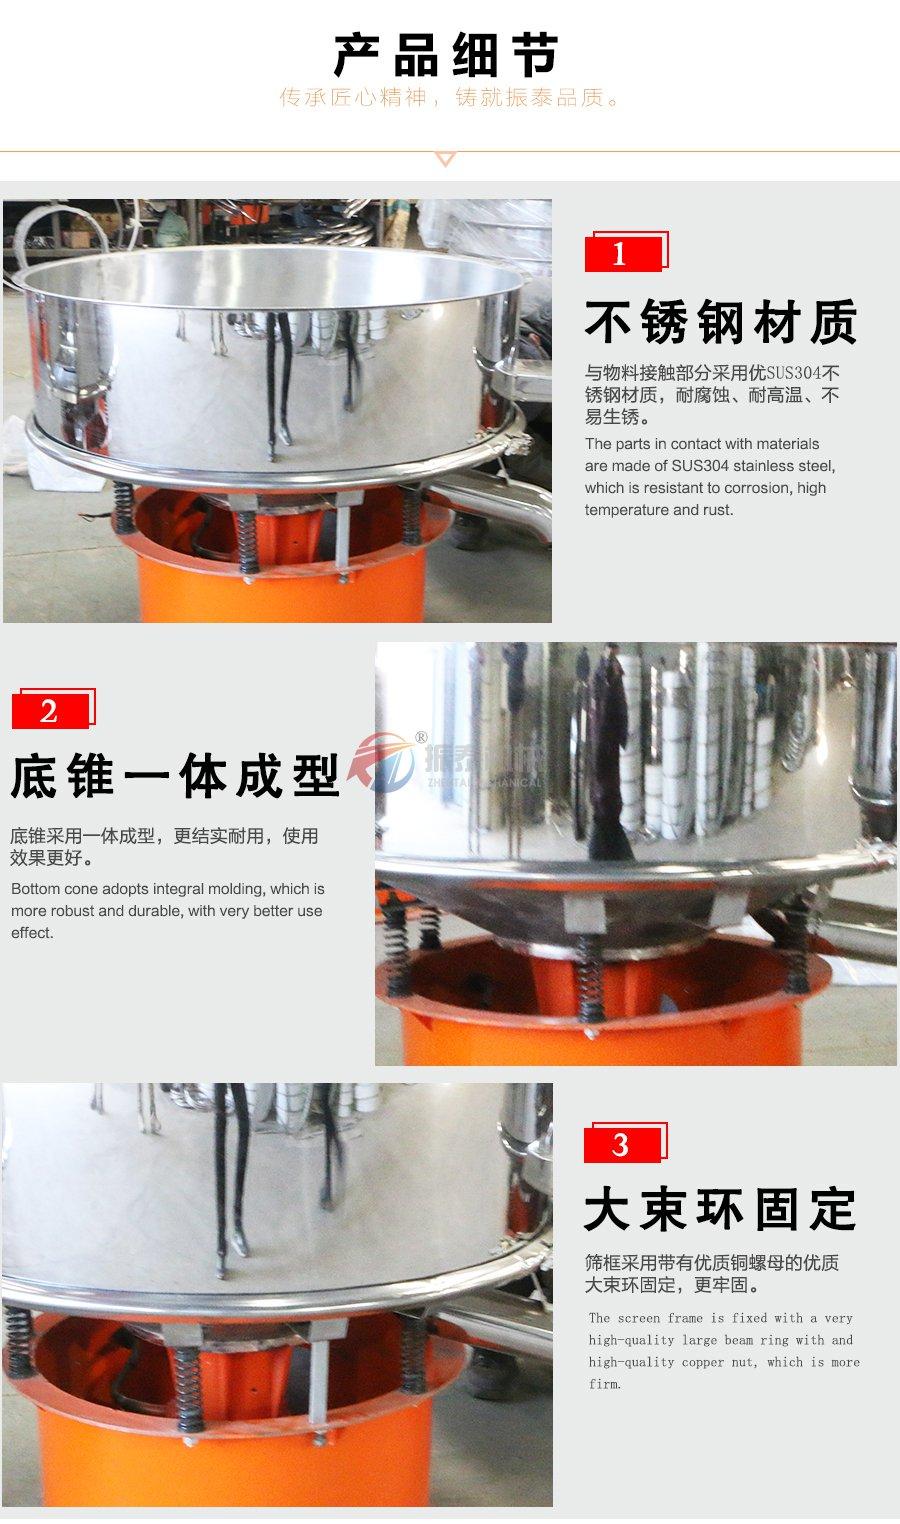 液体肥料过滤振动筛细节